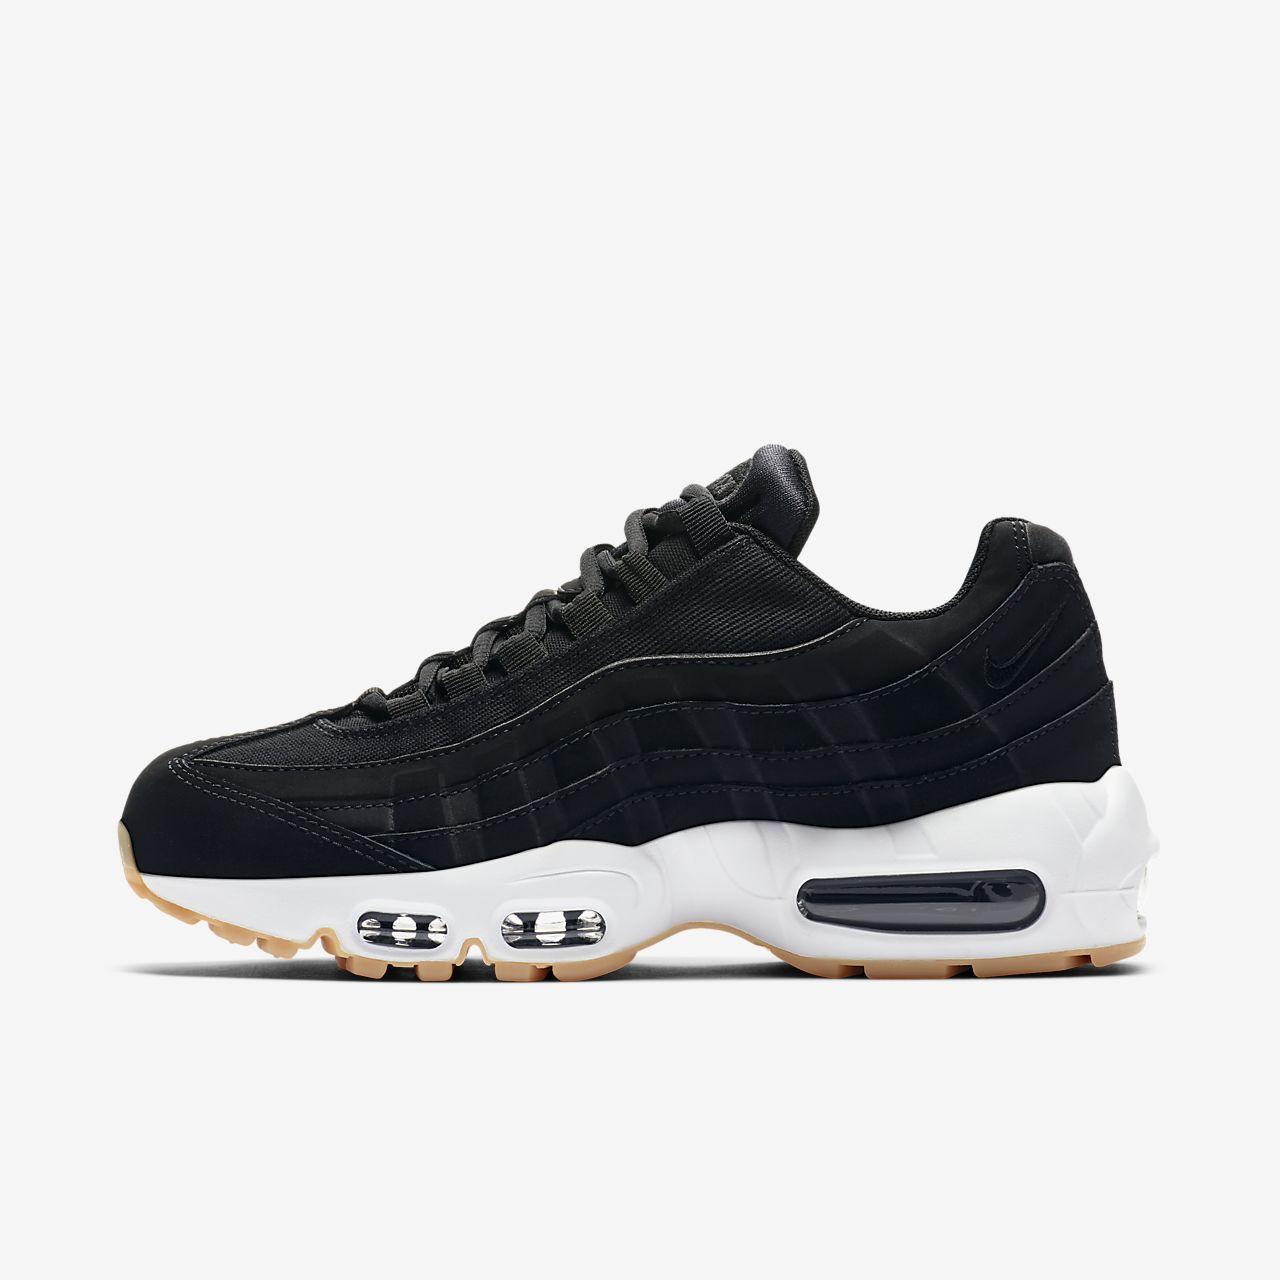 huge discount c7951 774f4 ... ireland nike air max 95 og sko til kvinder 1606e 854d0